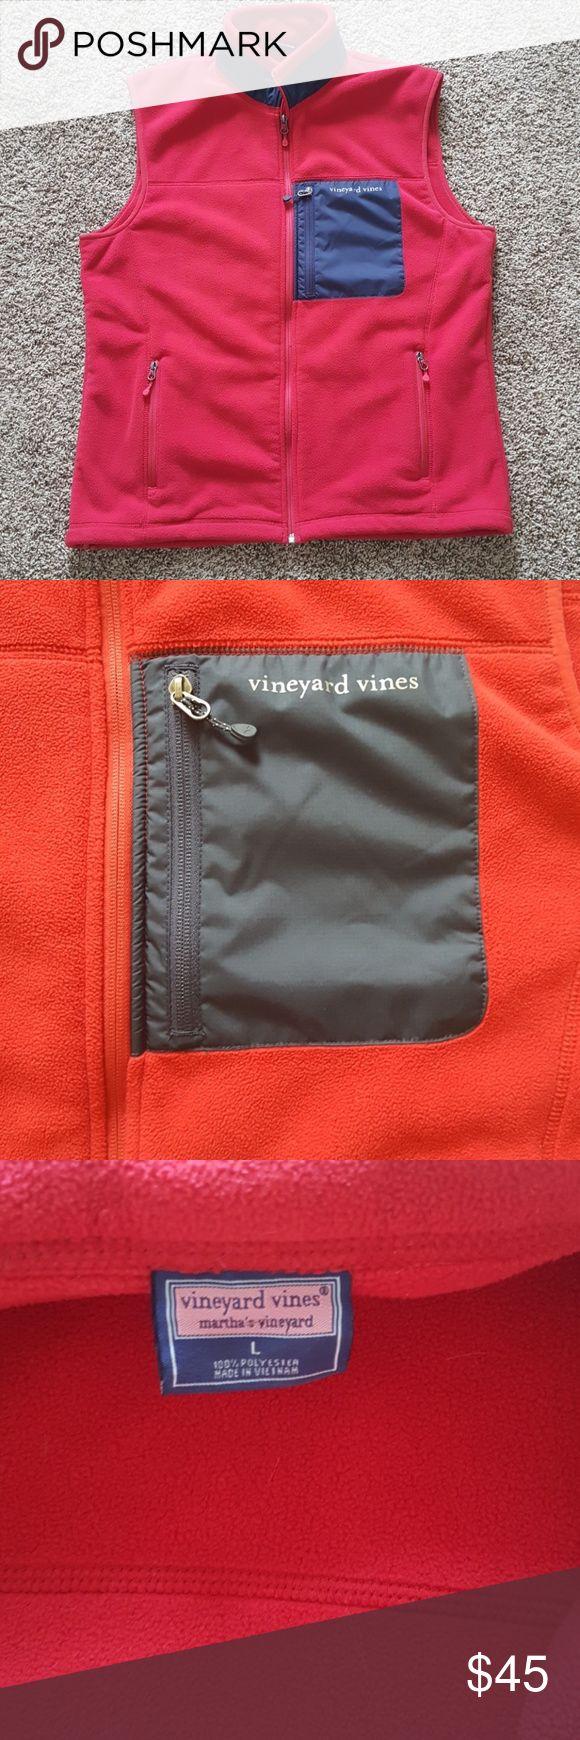 Vineyard Vines men's fleece vest This men's red fleece vest is in great pre-owned condition. Vineyard Vines Jackets & Coats Vests